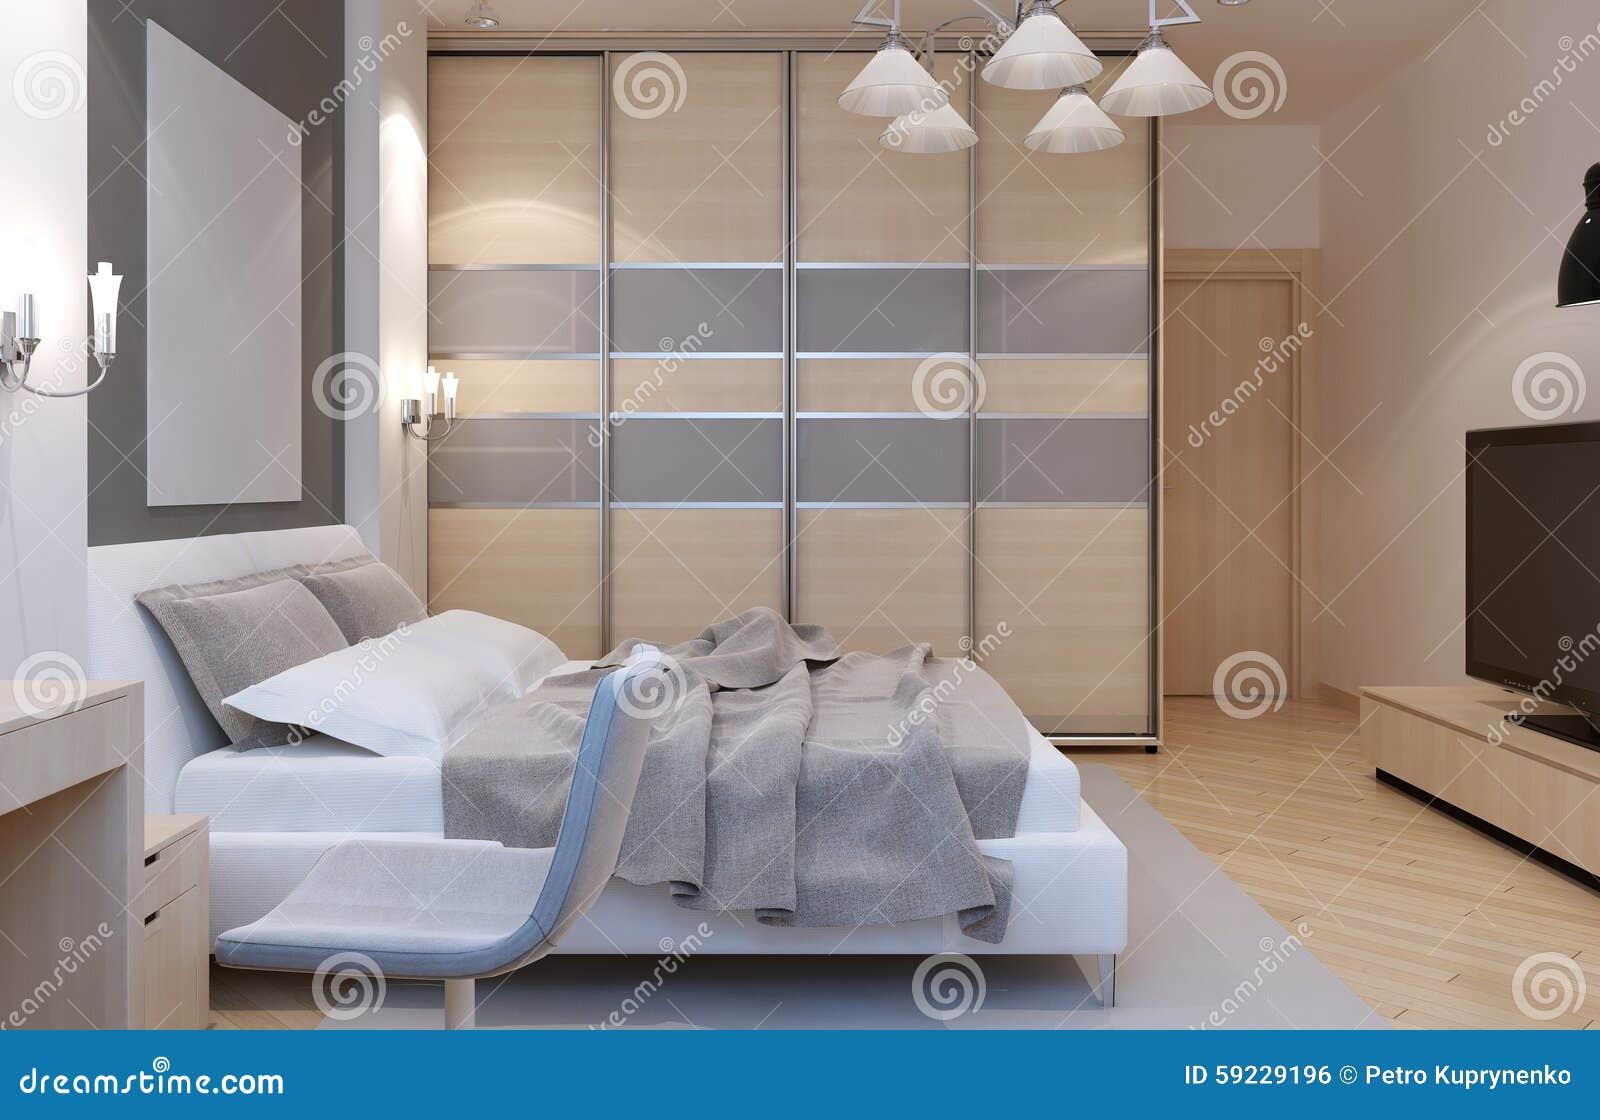 Camere Da Letto Art Deco : Stile di art deco della camera da letto principale illustrazione di